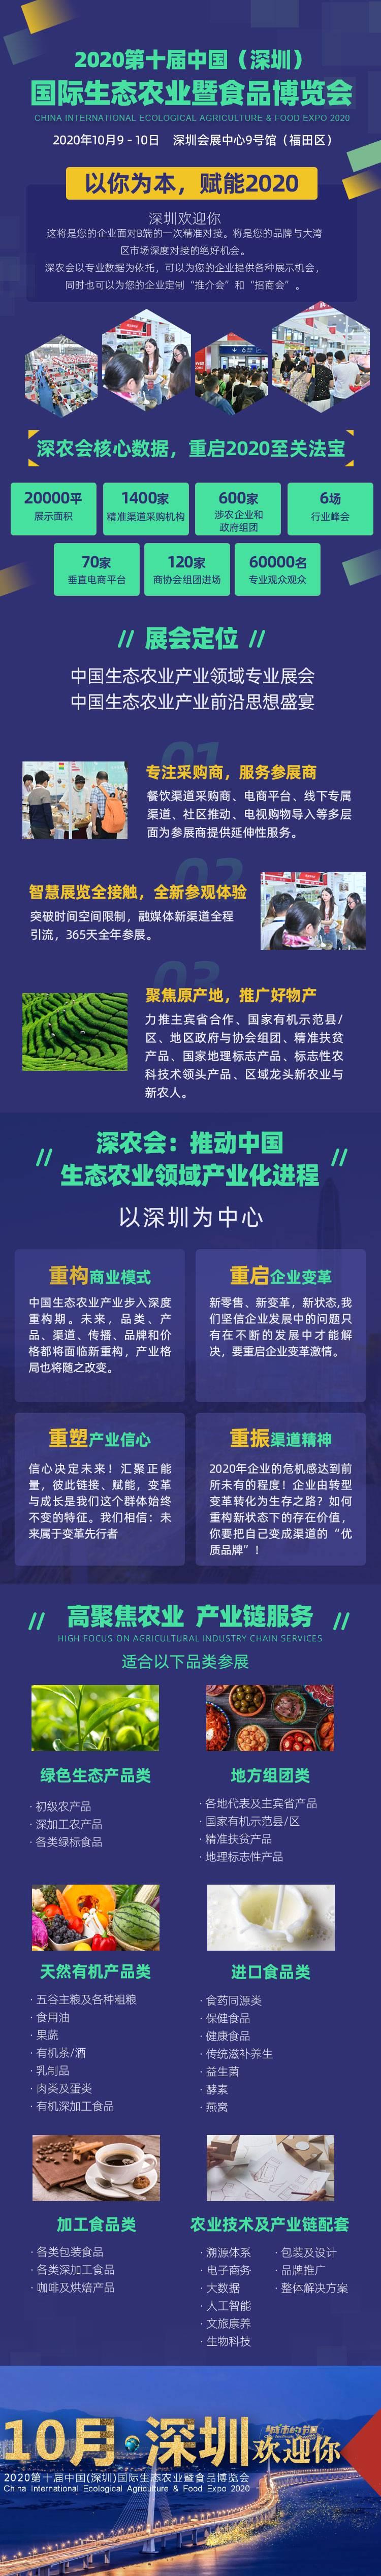 农业展介绍.jpg